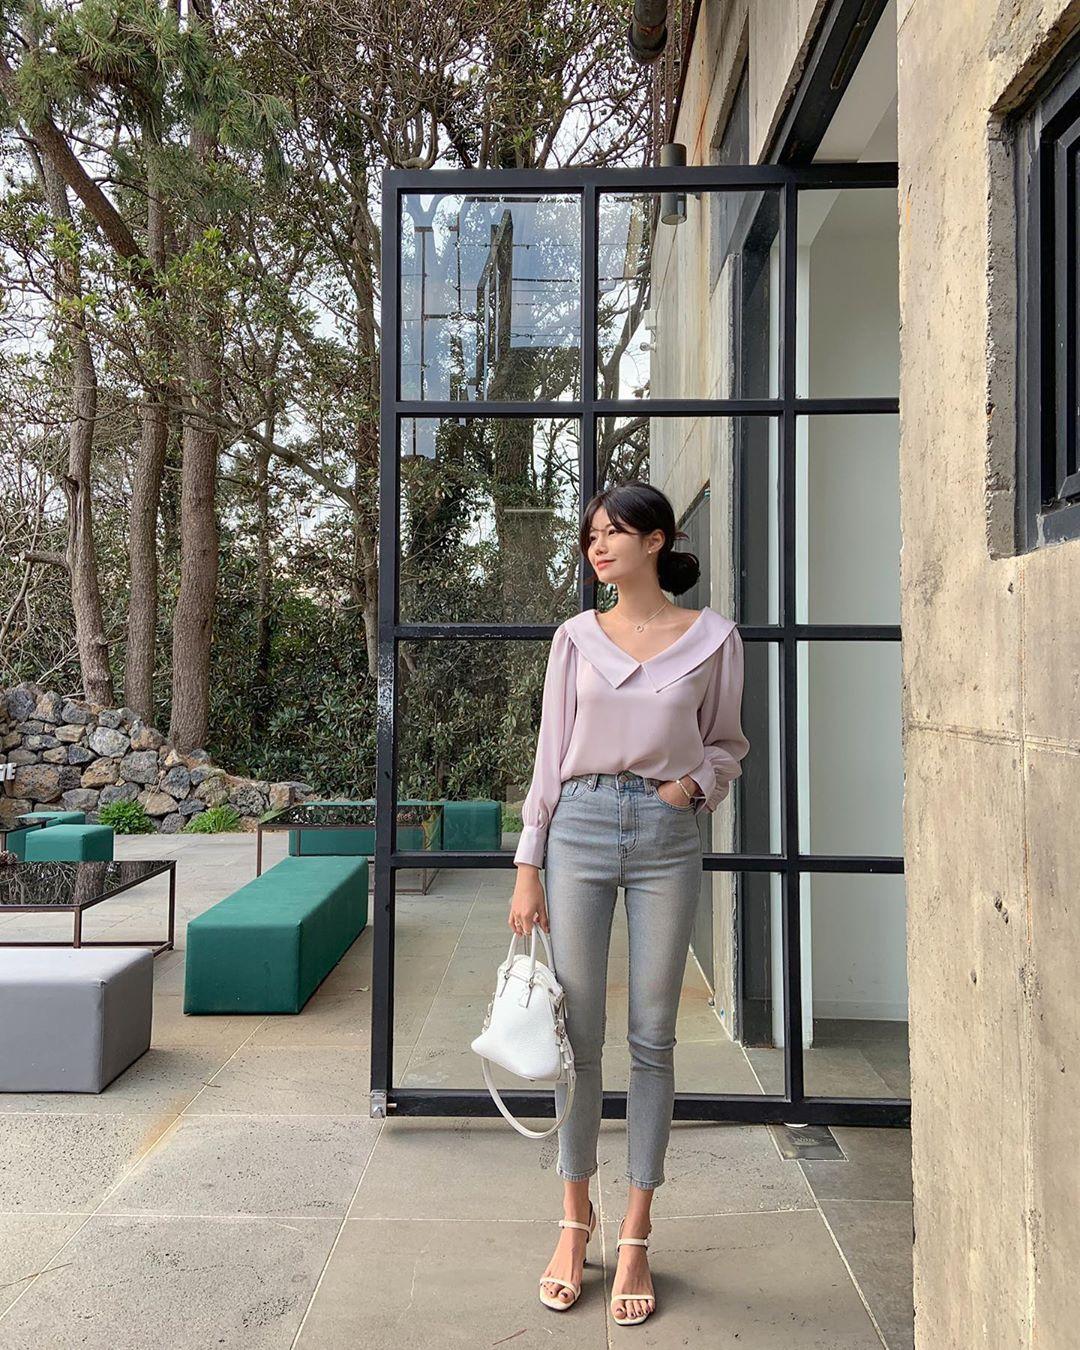 Quý cô chuyên diện quần skinny jeans gợi ý 3 kiểu giày dép kết hợp siêu ăn ý, lại còn kéo chân dài vô địch - Ảnh 7.